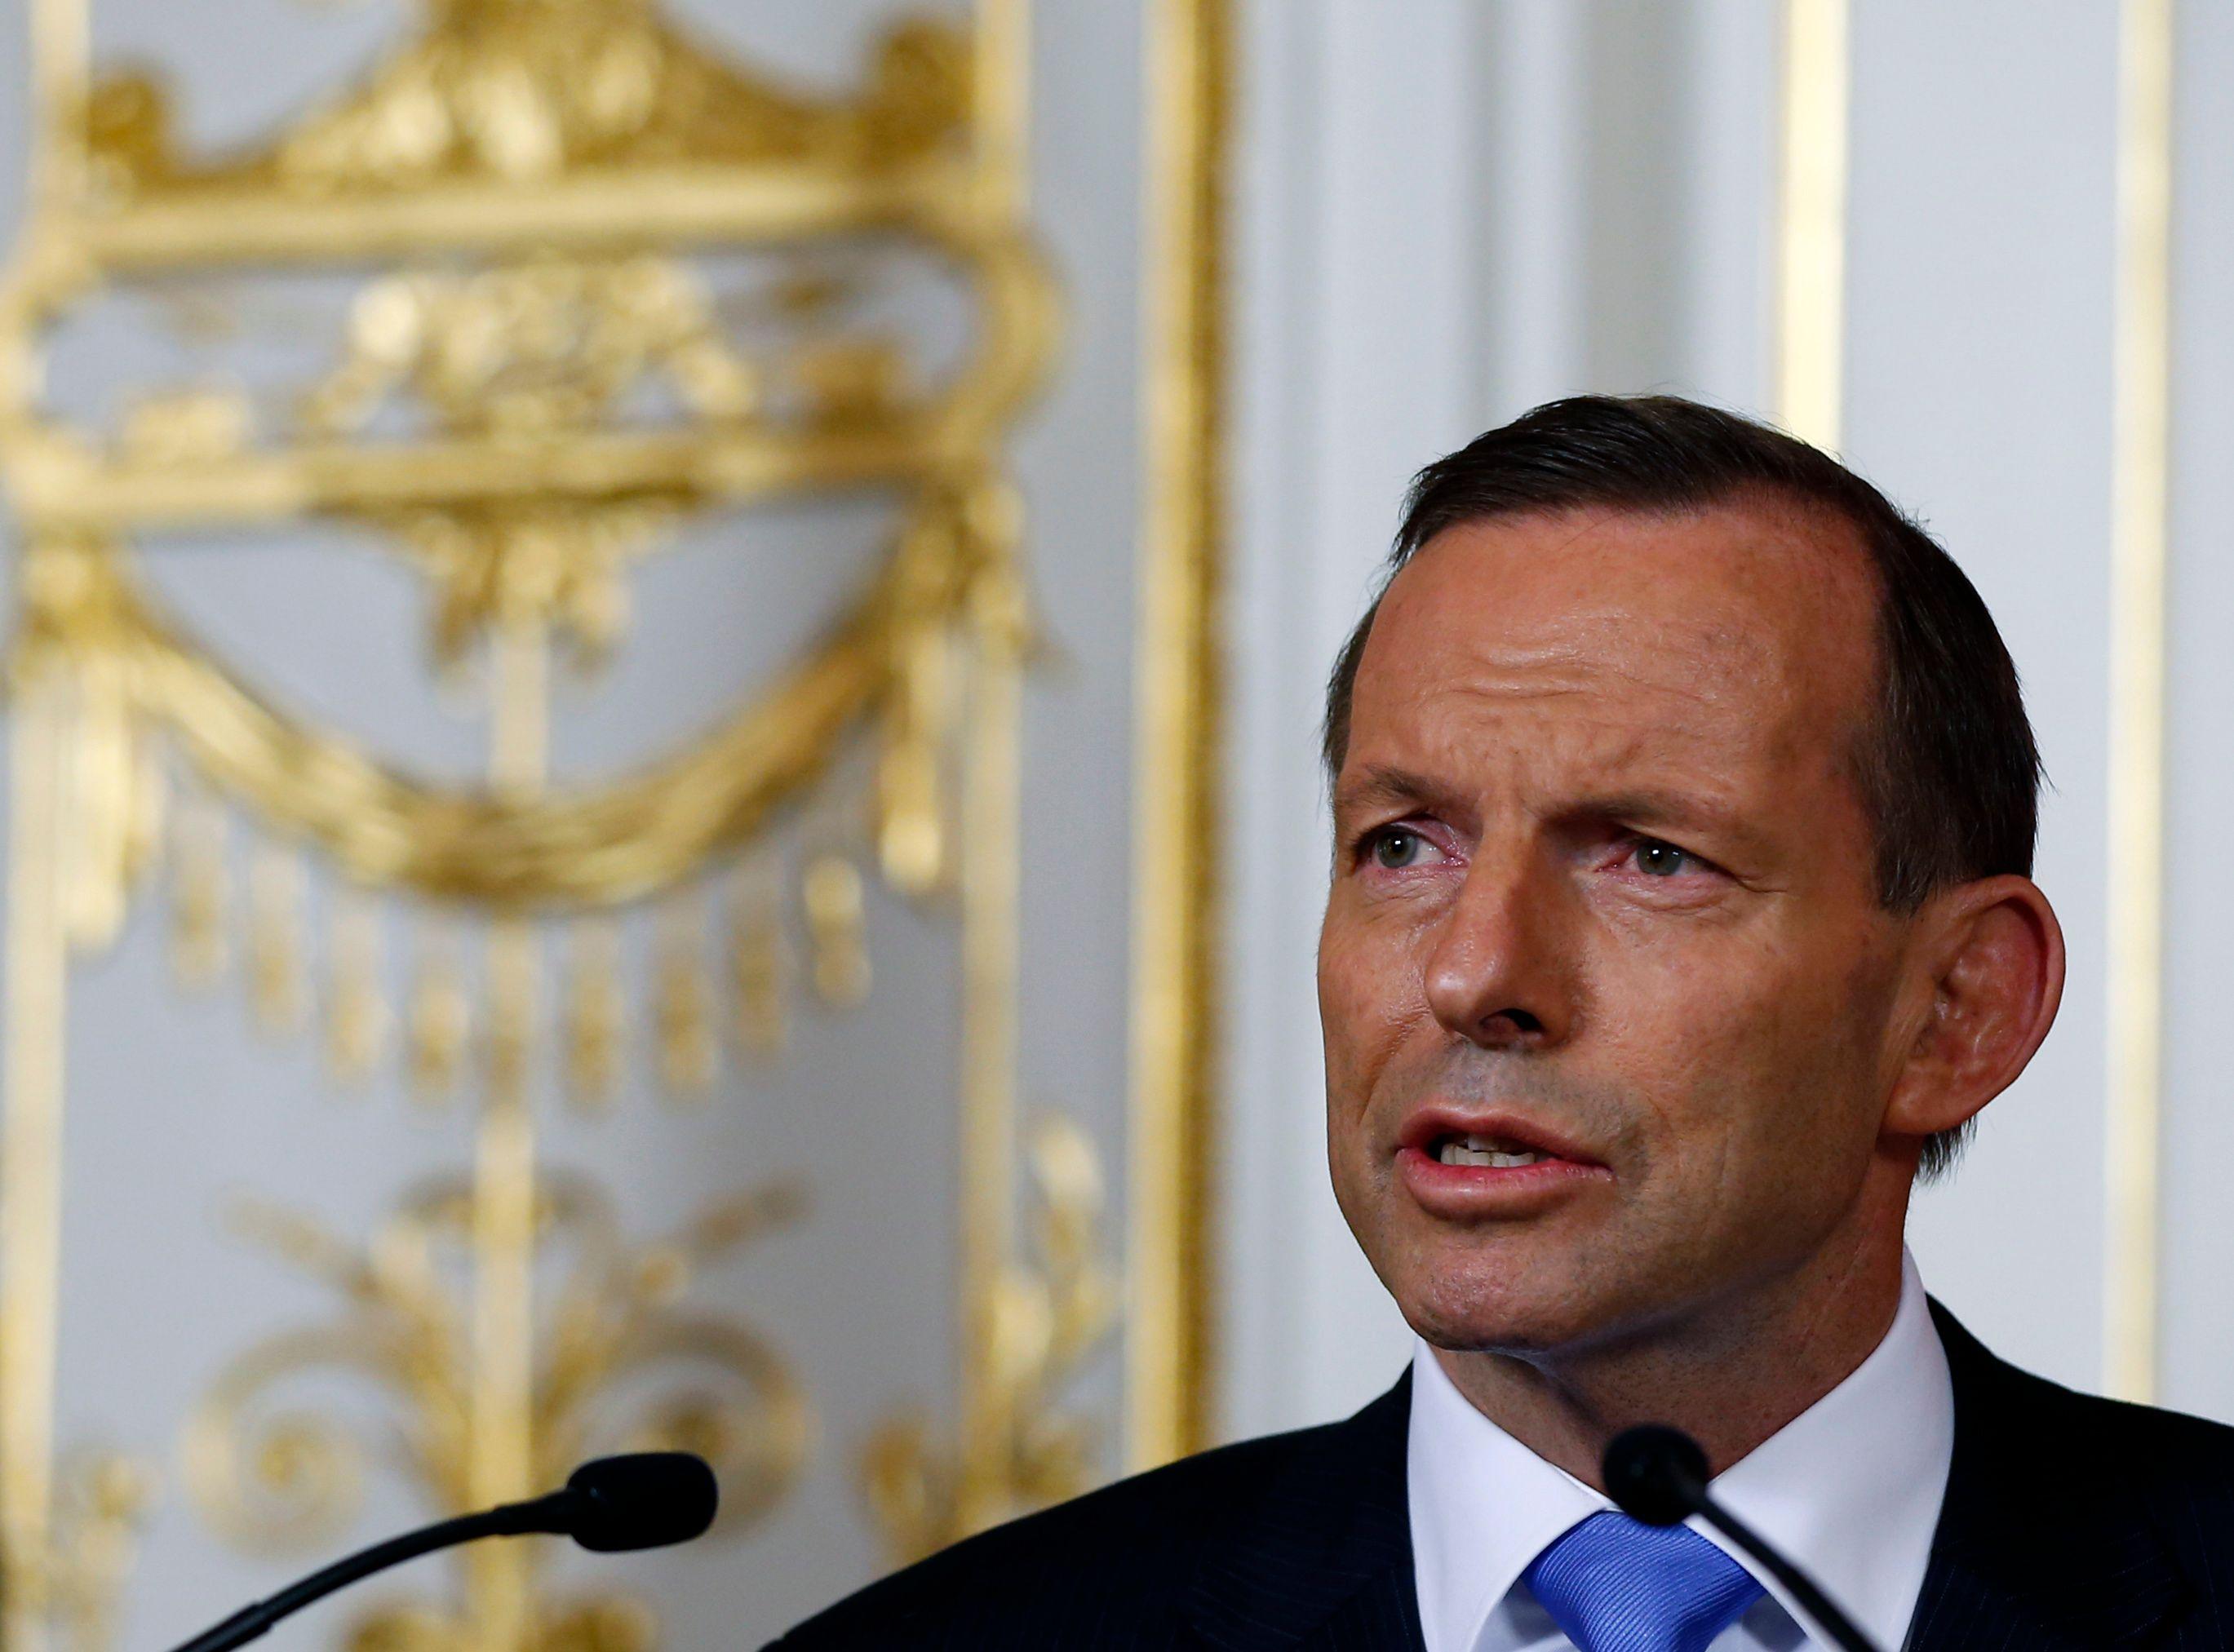 L'Australie cède devant l'insistance de la société civile et décide d'accueillir 12 000 migrants